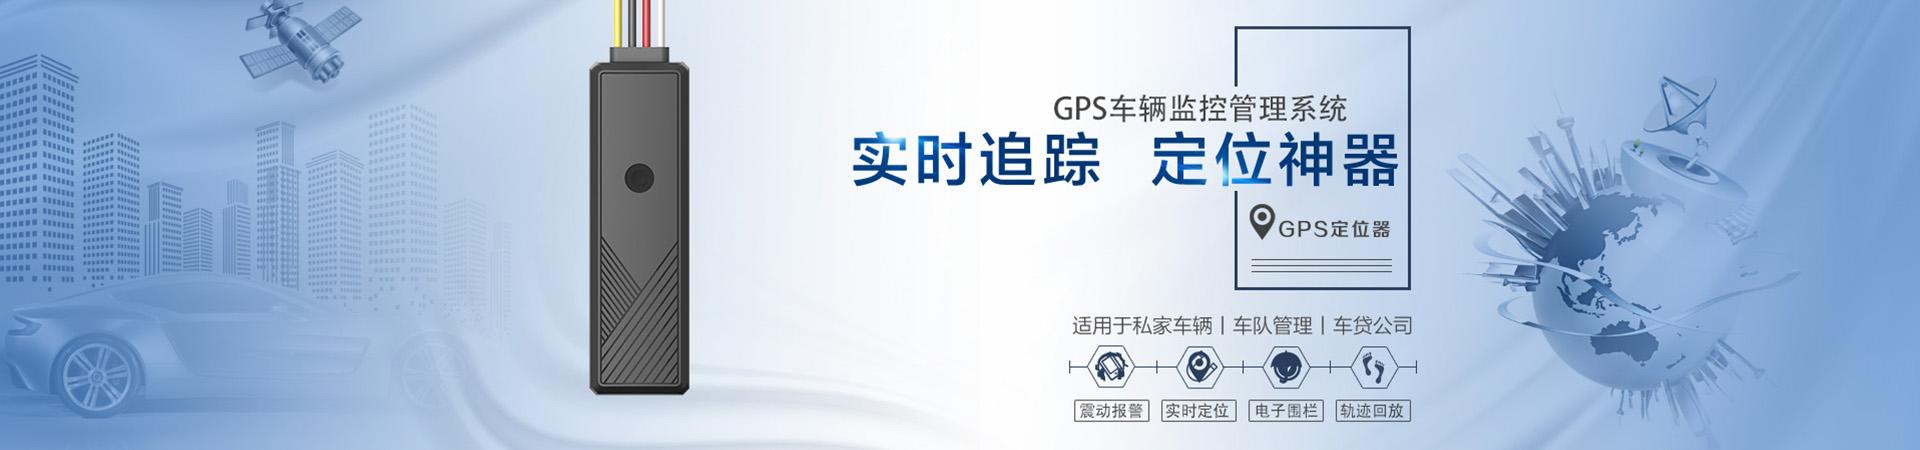 重庆车辆GPS视频监控系统安装